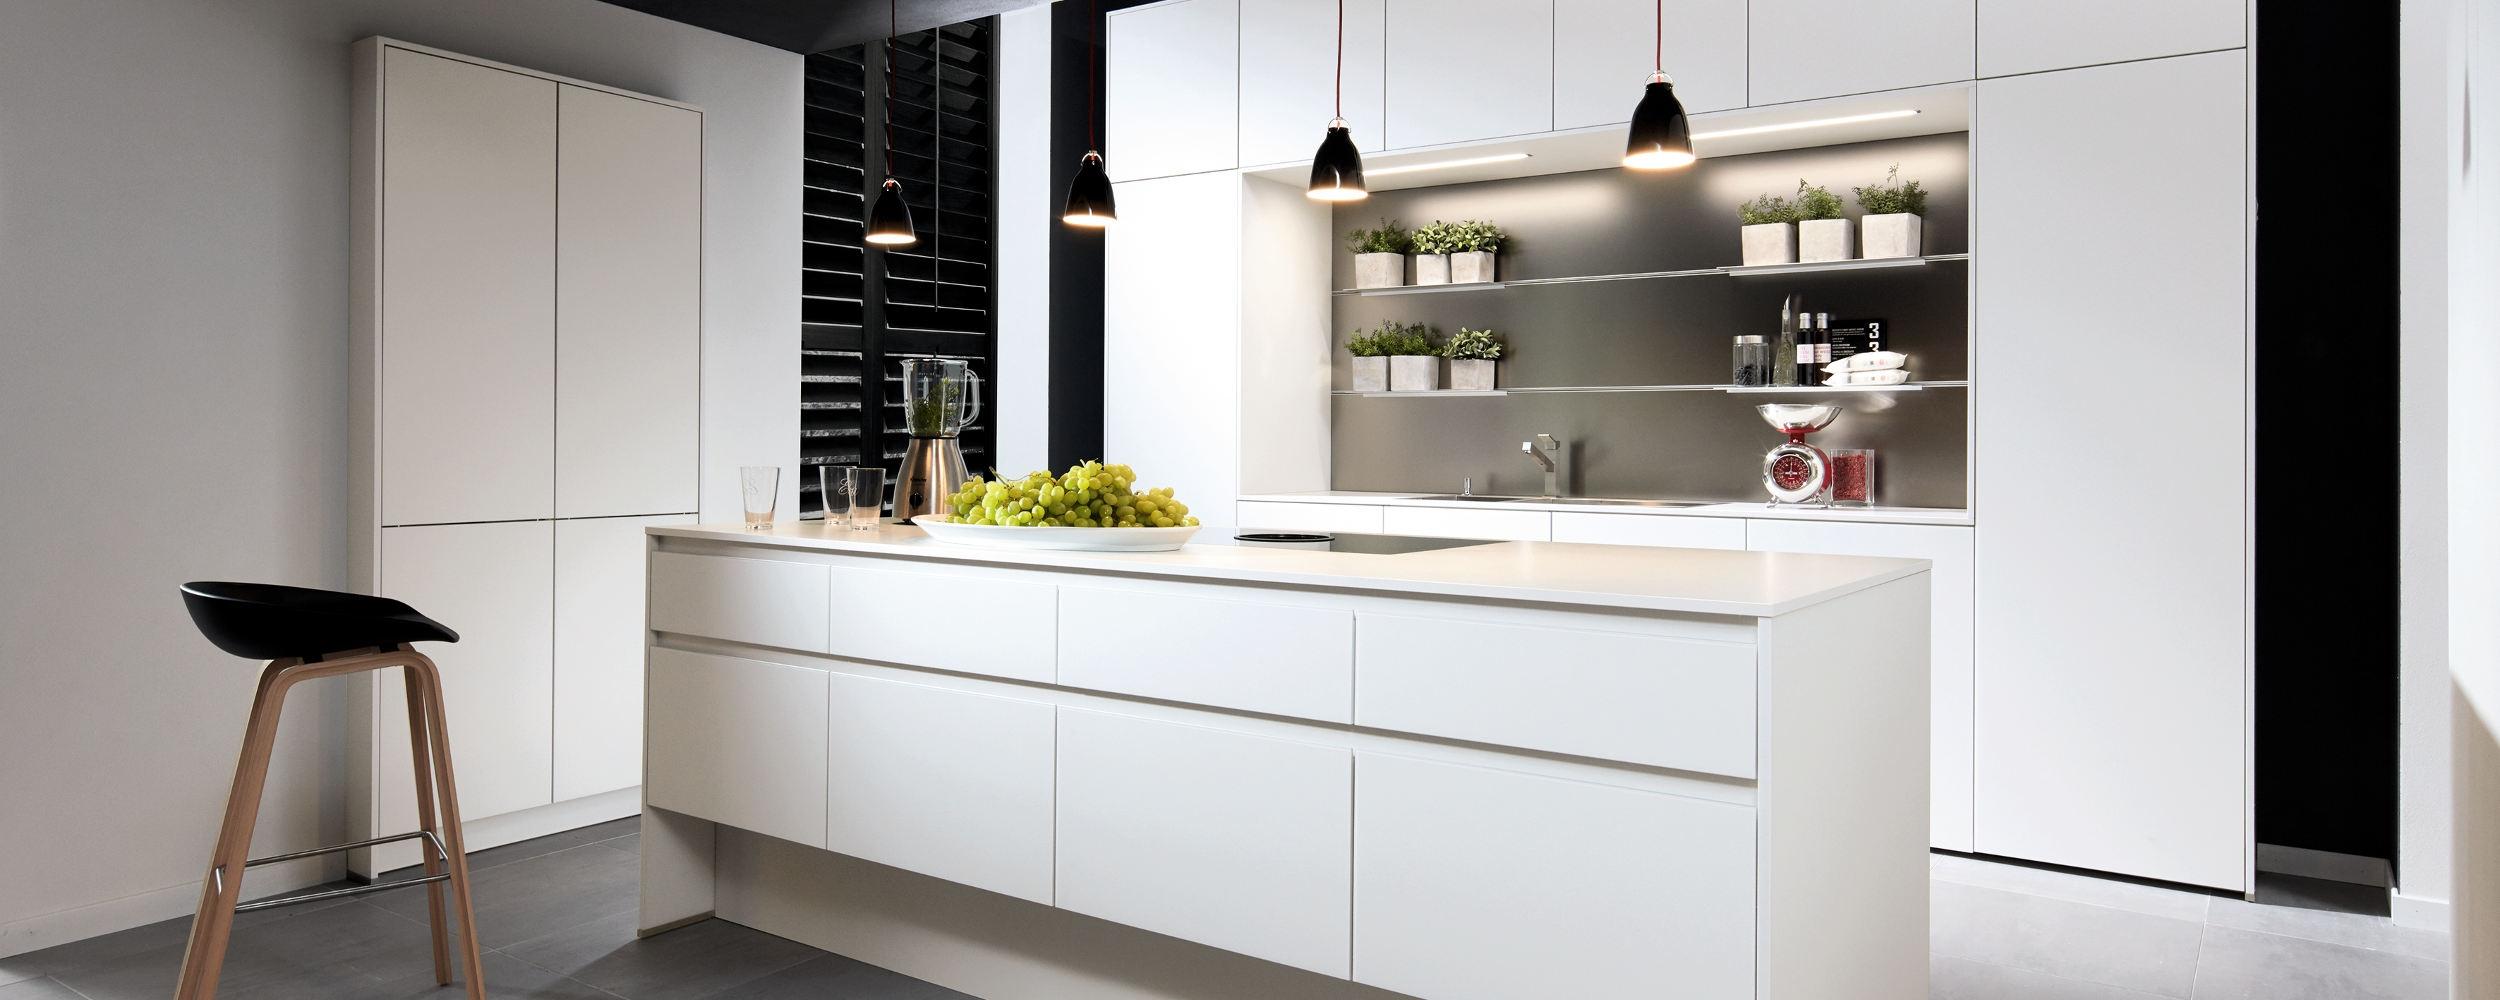 Pronorm Y Line Kitchen Design Scotand